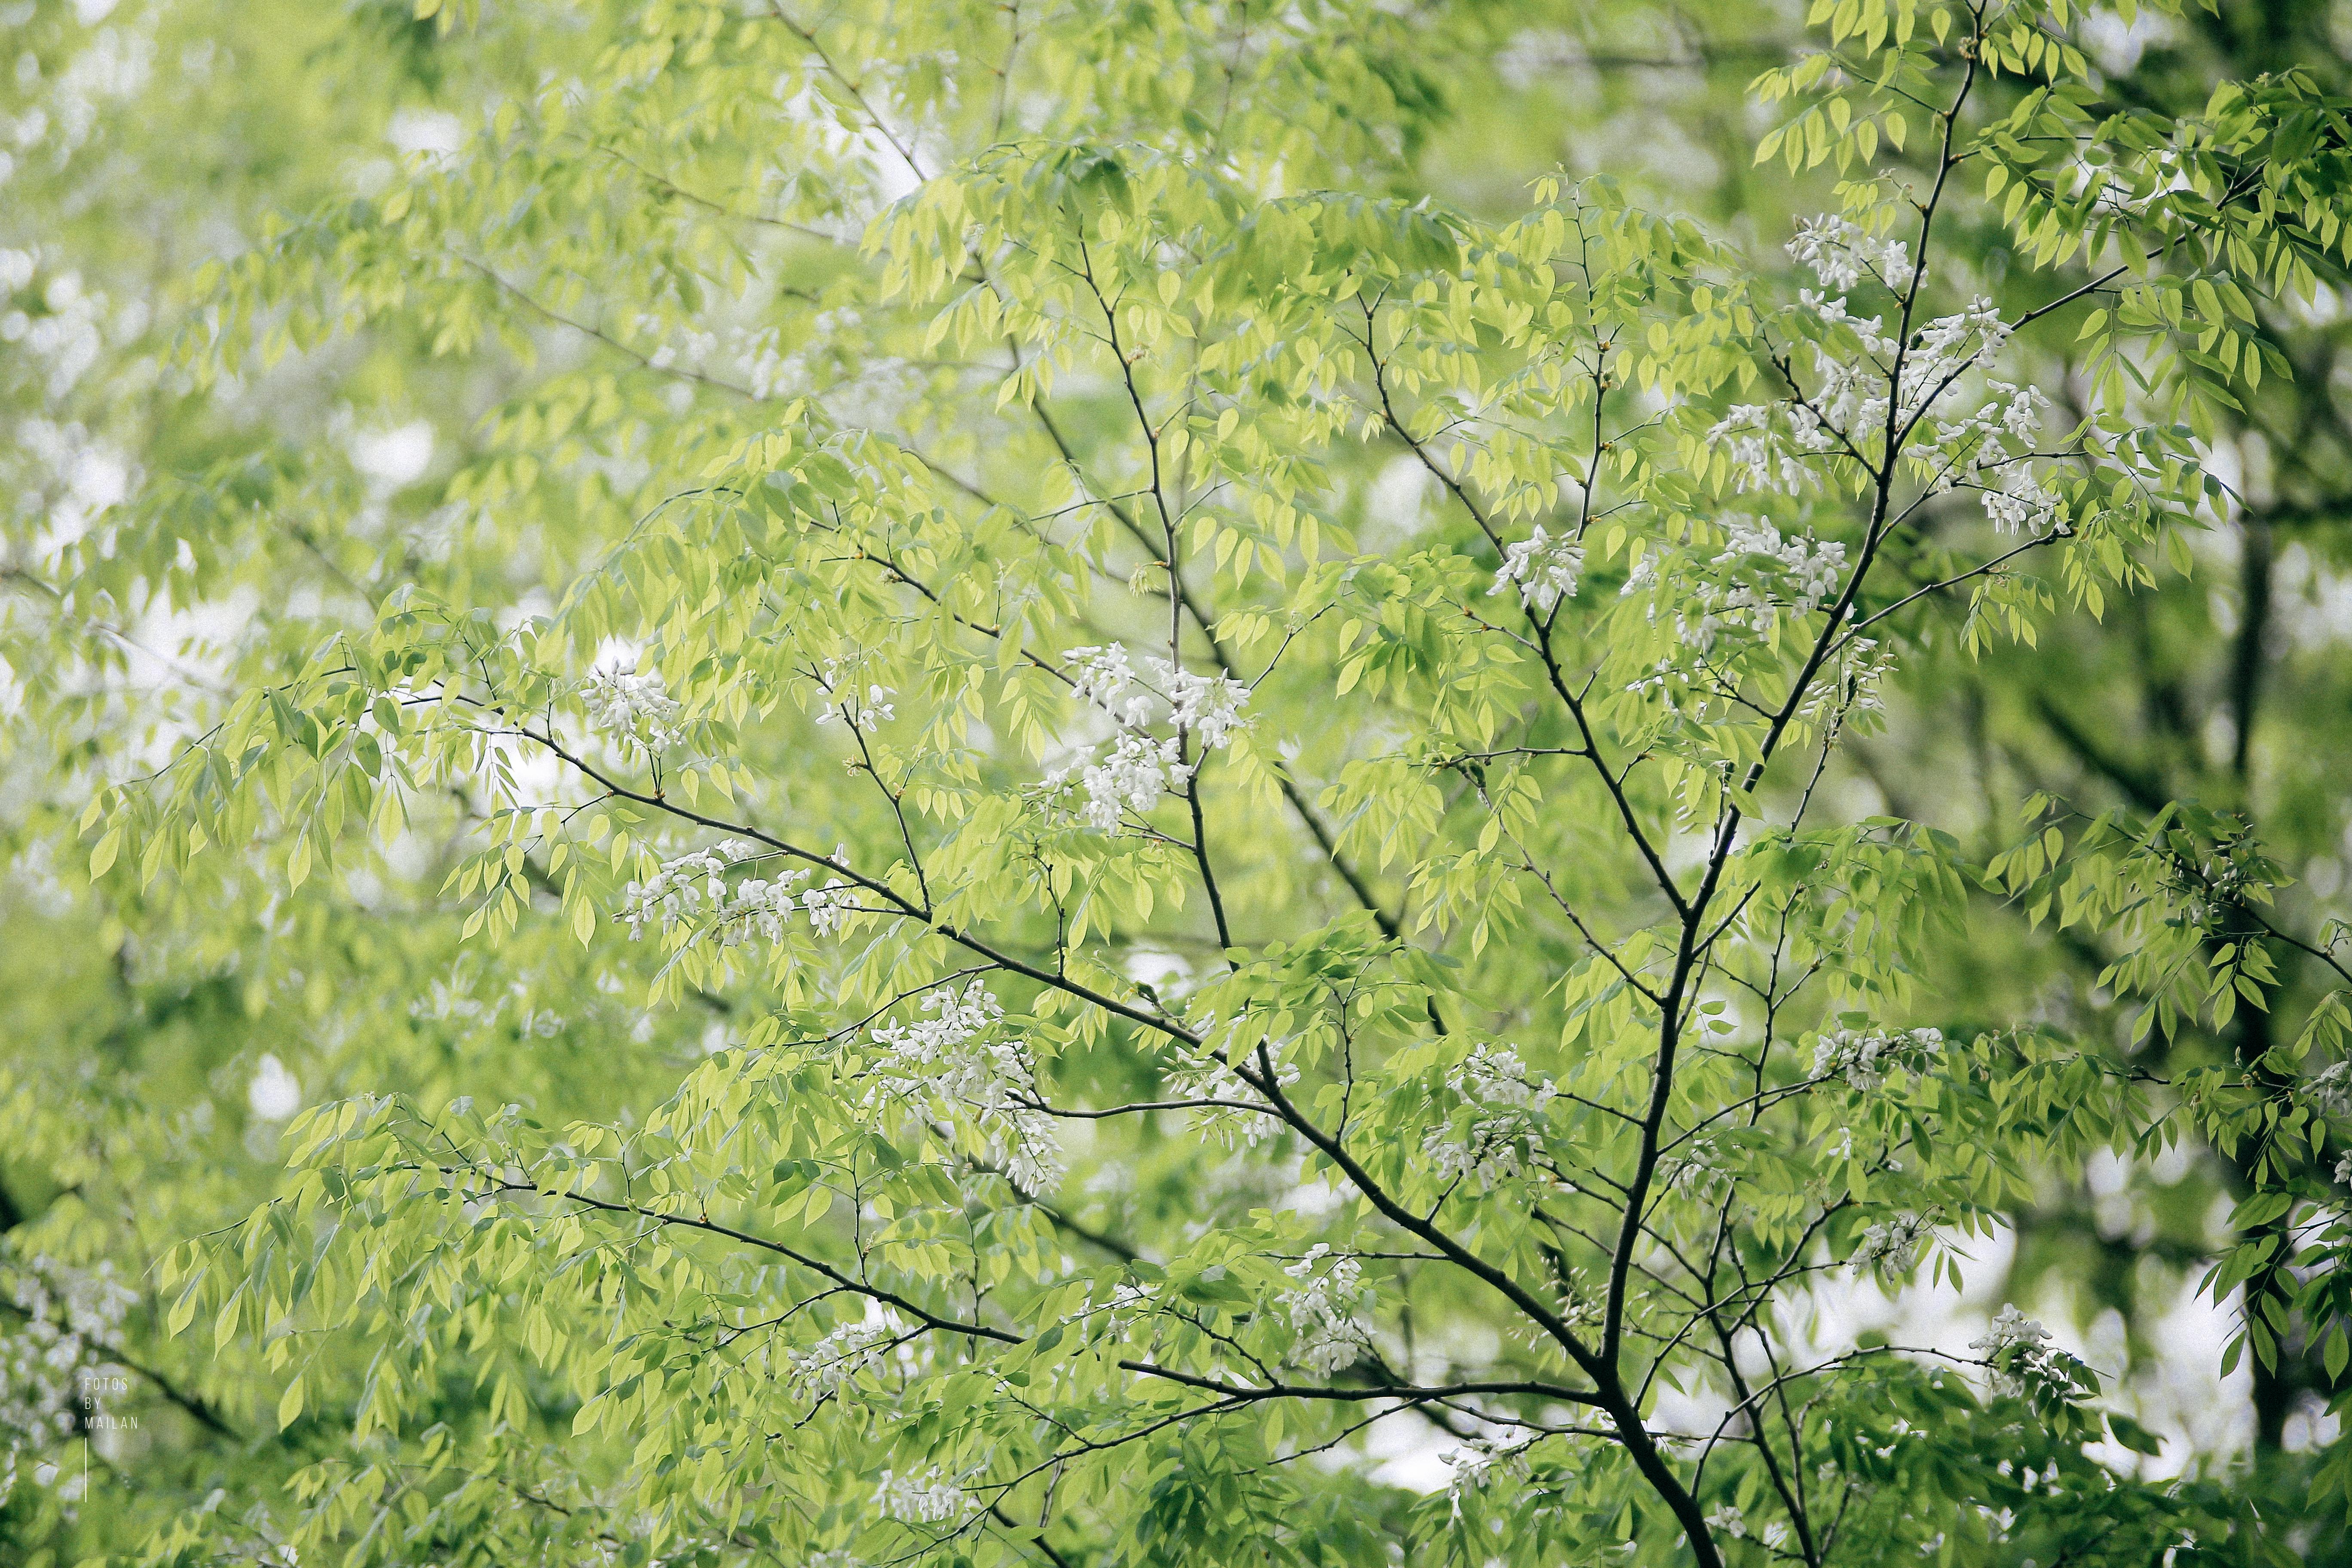 Hoa sưa nở rồi, tiết trời nồm ẩm tháng 3 của Hà Nội cũng vì thế mà dịu dàng hơn... - Ảnh 7.